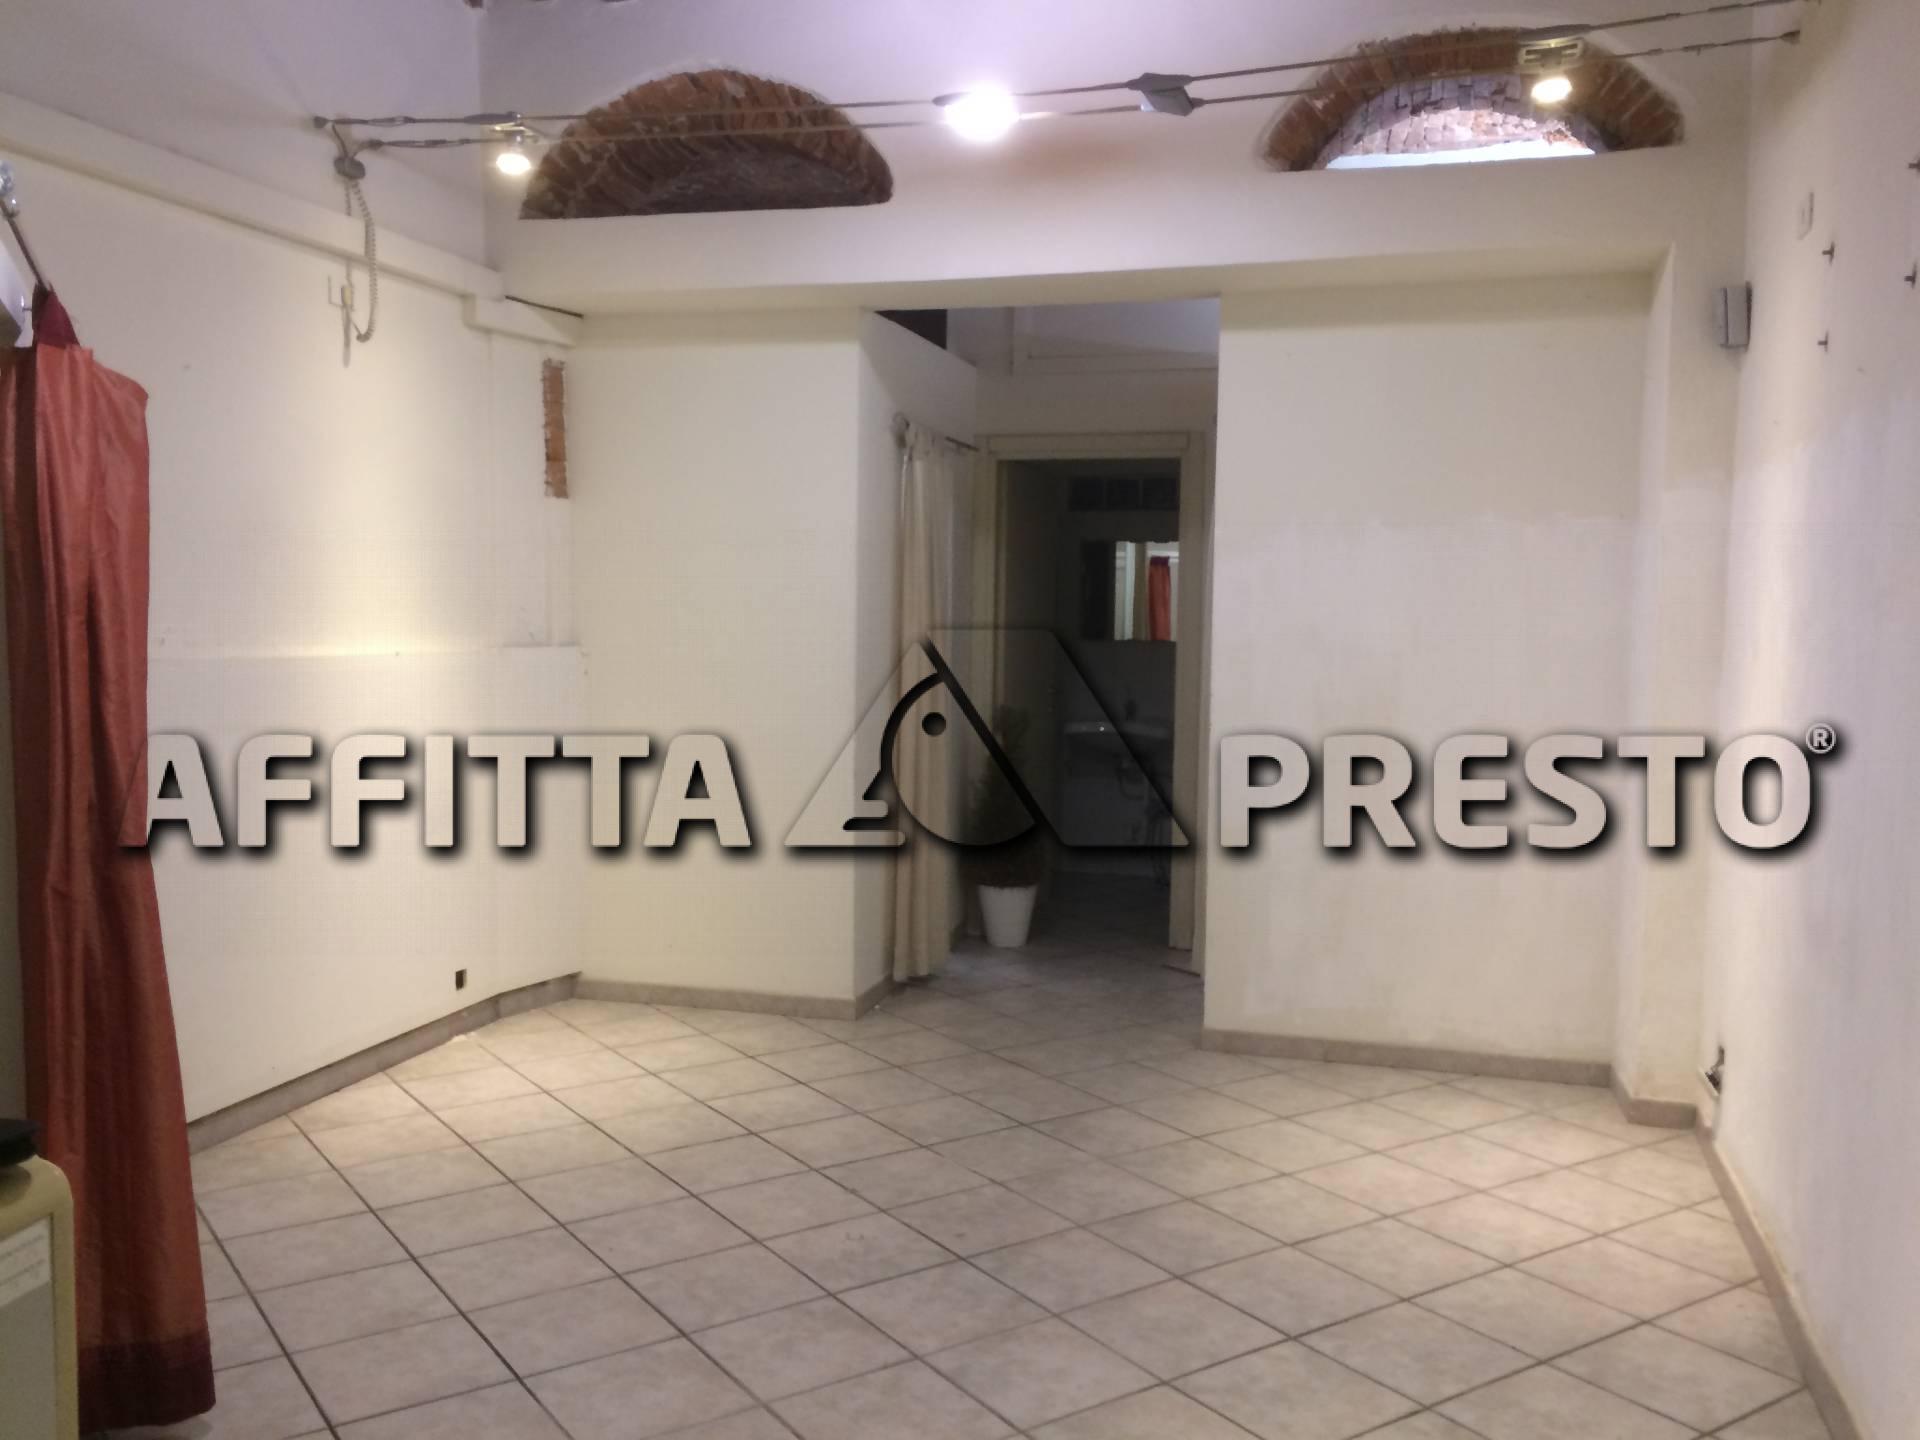 Attività commerciale in affitto - San Martino, Pisa